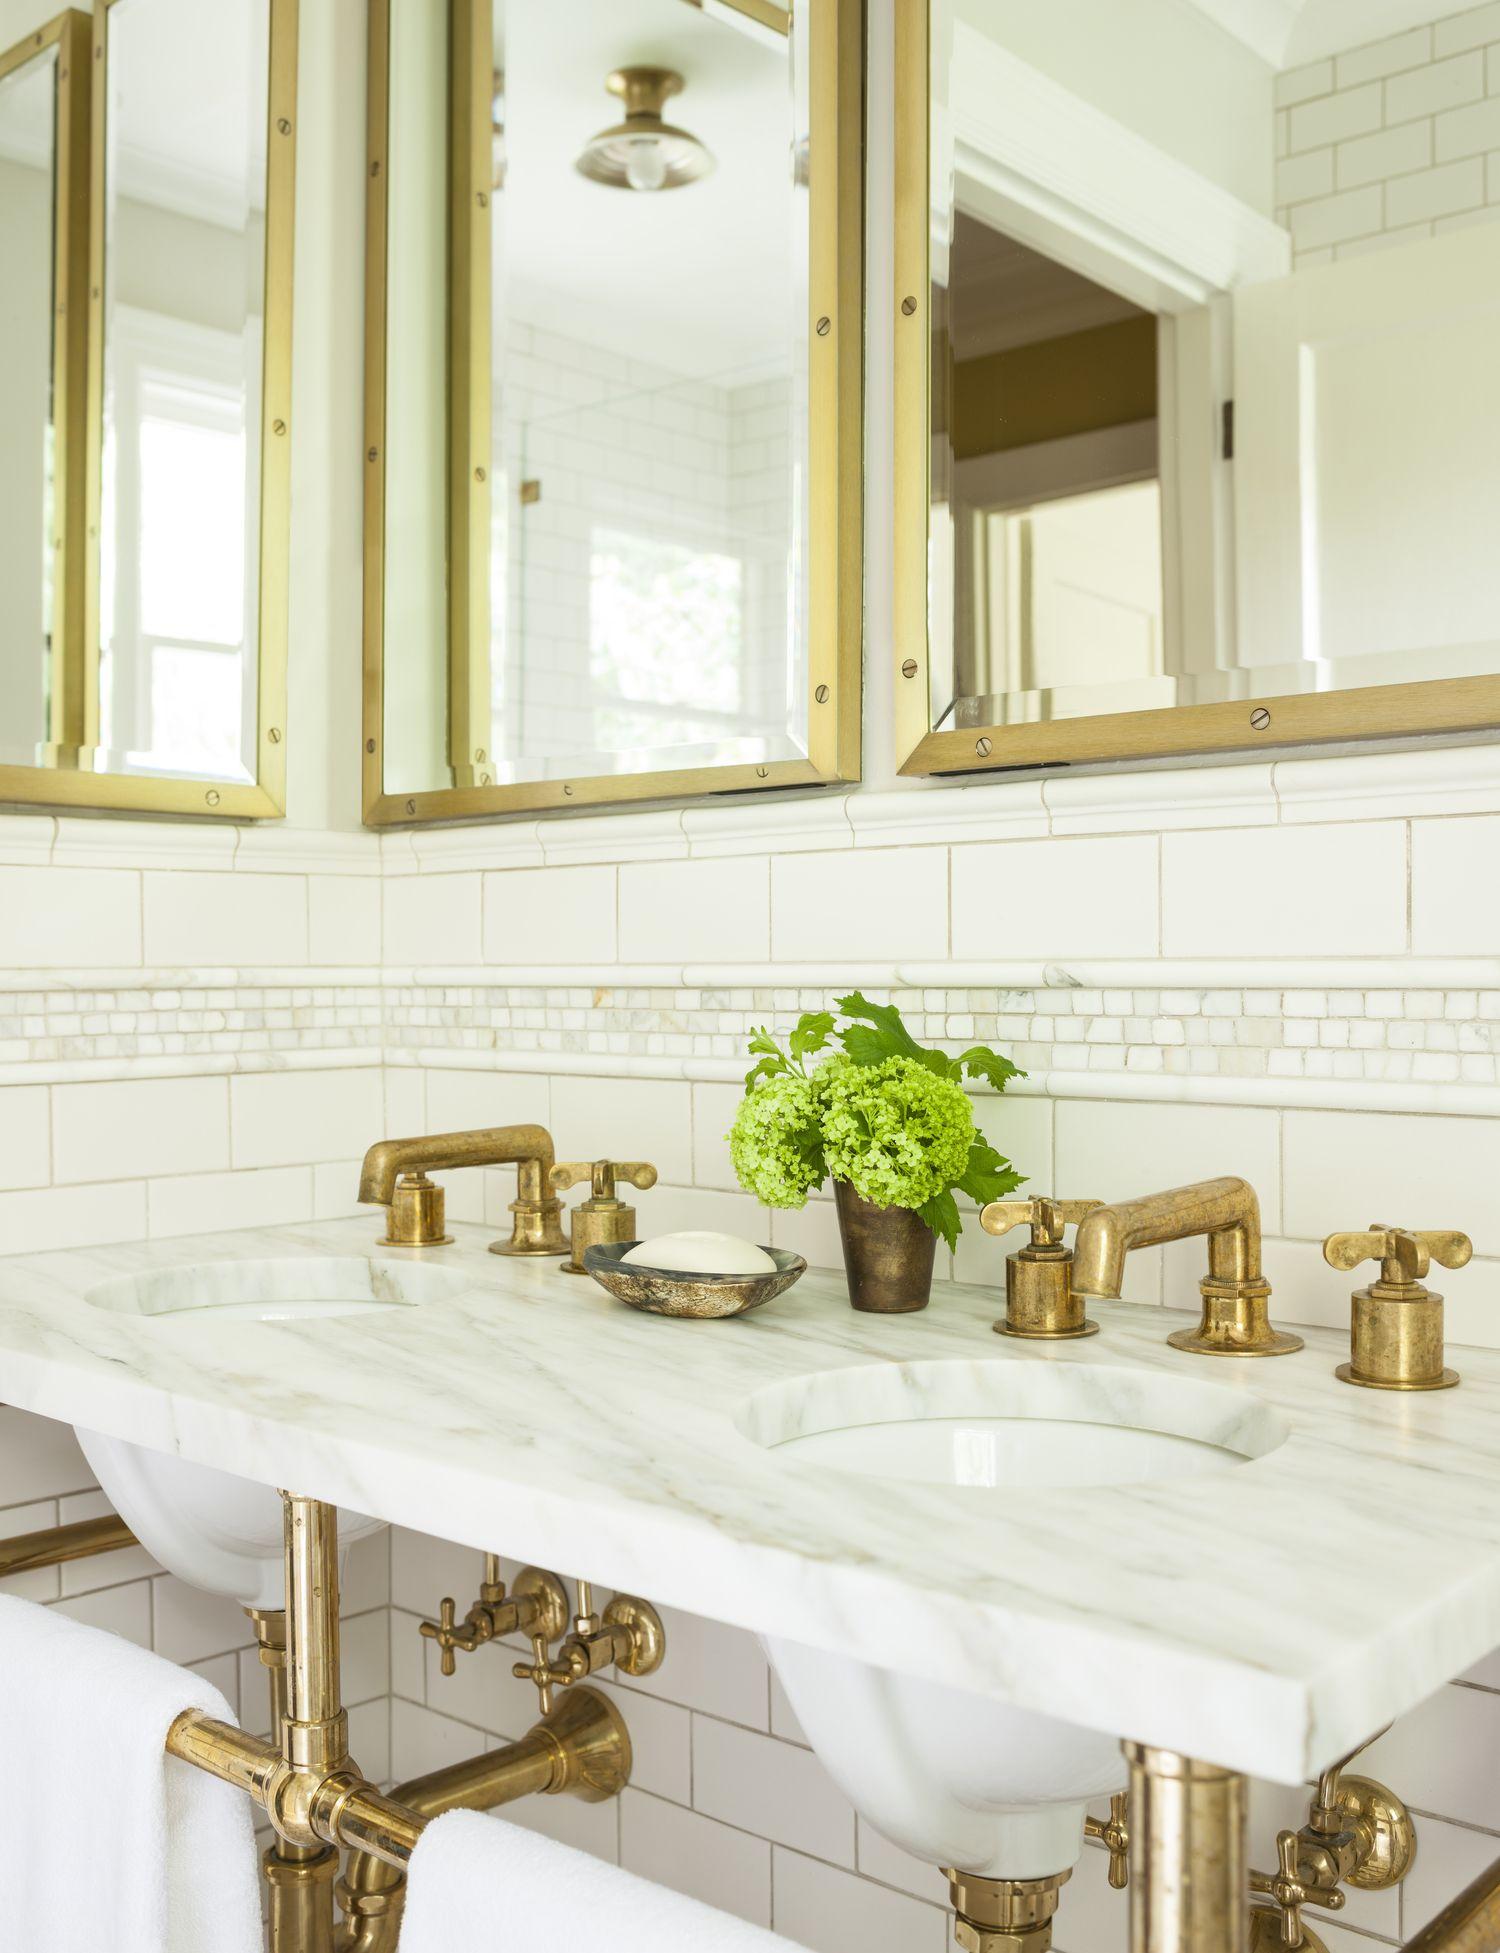 Portfolio Antique Brass Bathroom Faucet Gorgeous Bathroom Brass Bathroom Faucets